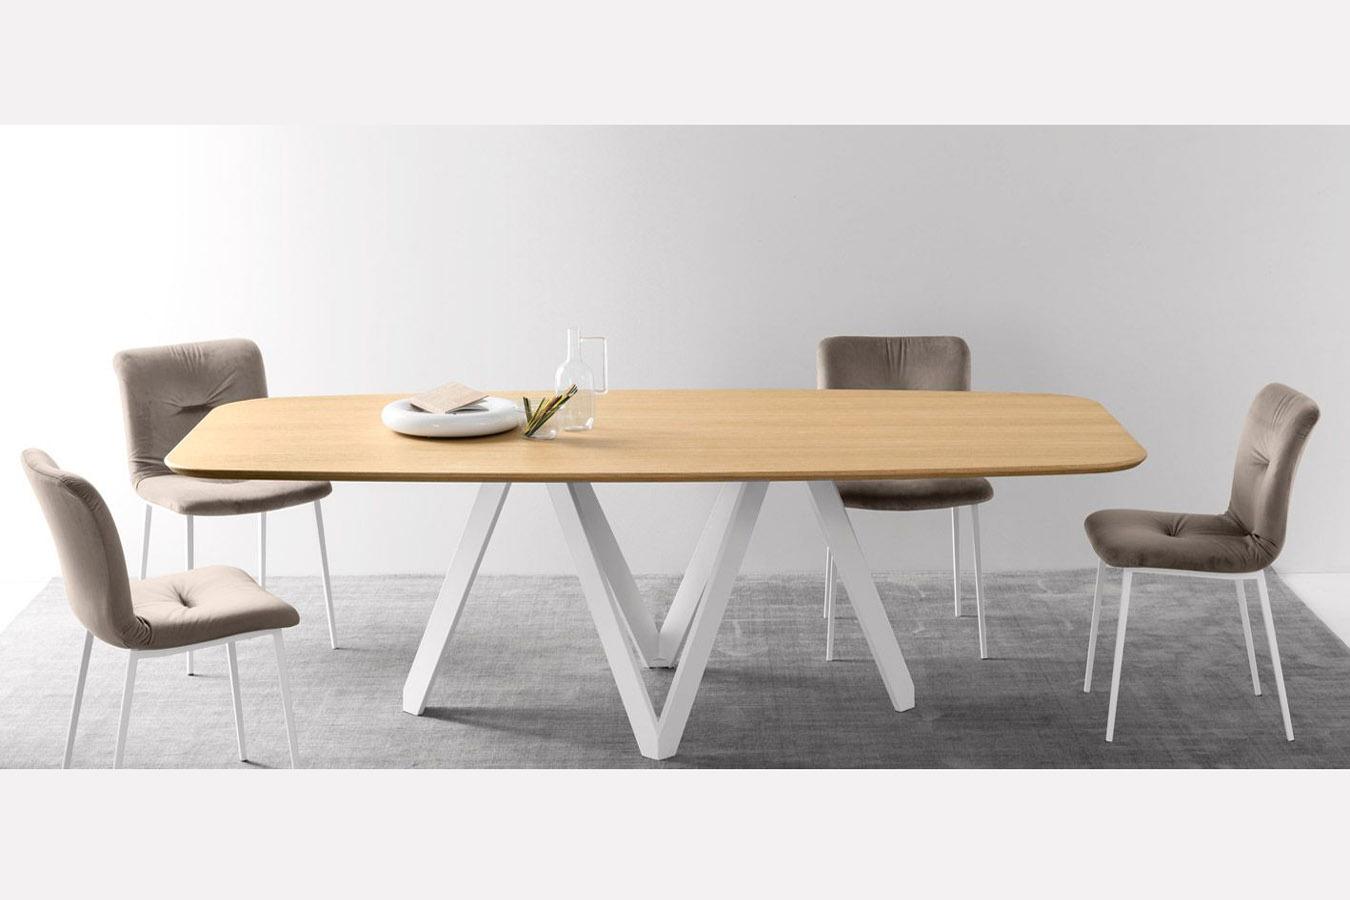 Tavolo Cartesio di Calligaris da righetti mobili a Novara